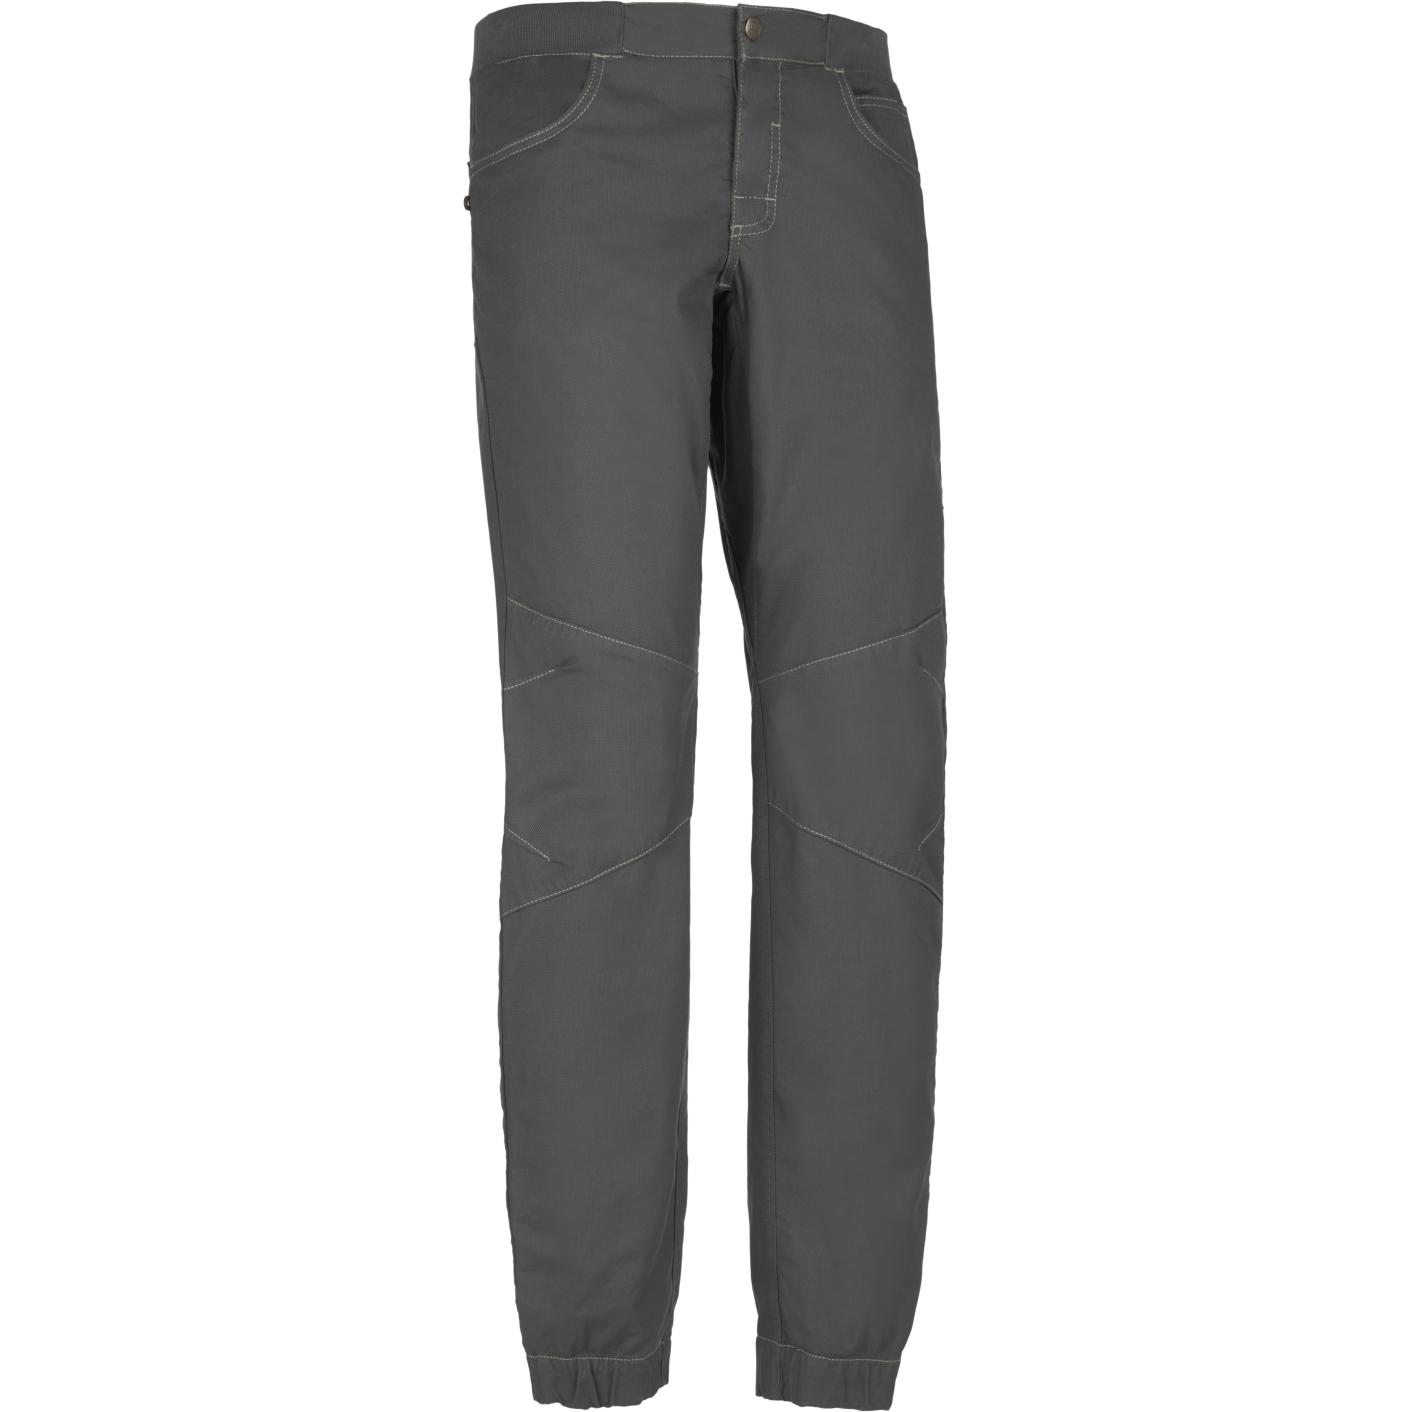 E9 Scud Skinny Men Pants - Iron